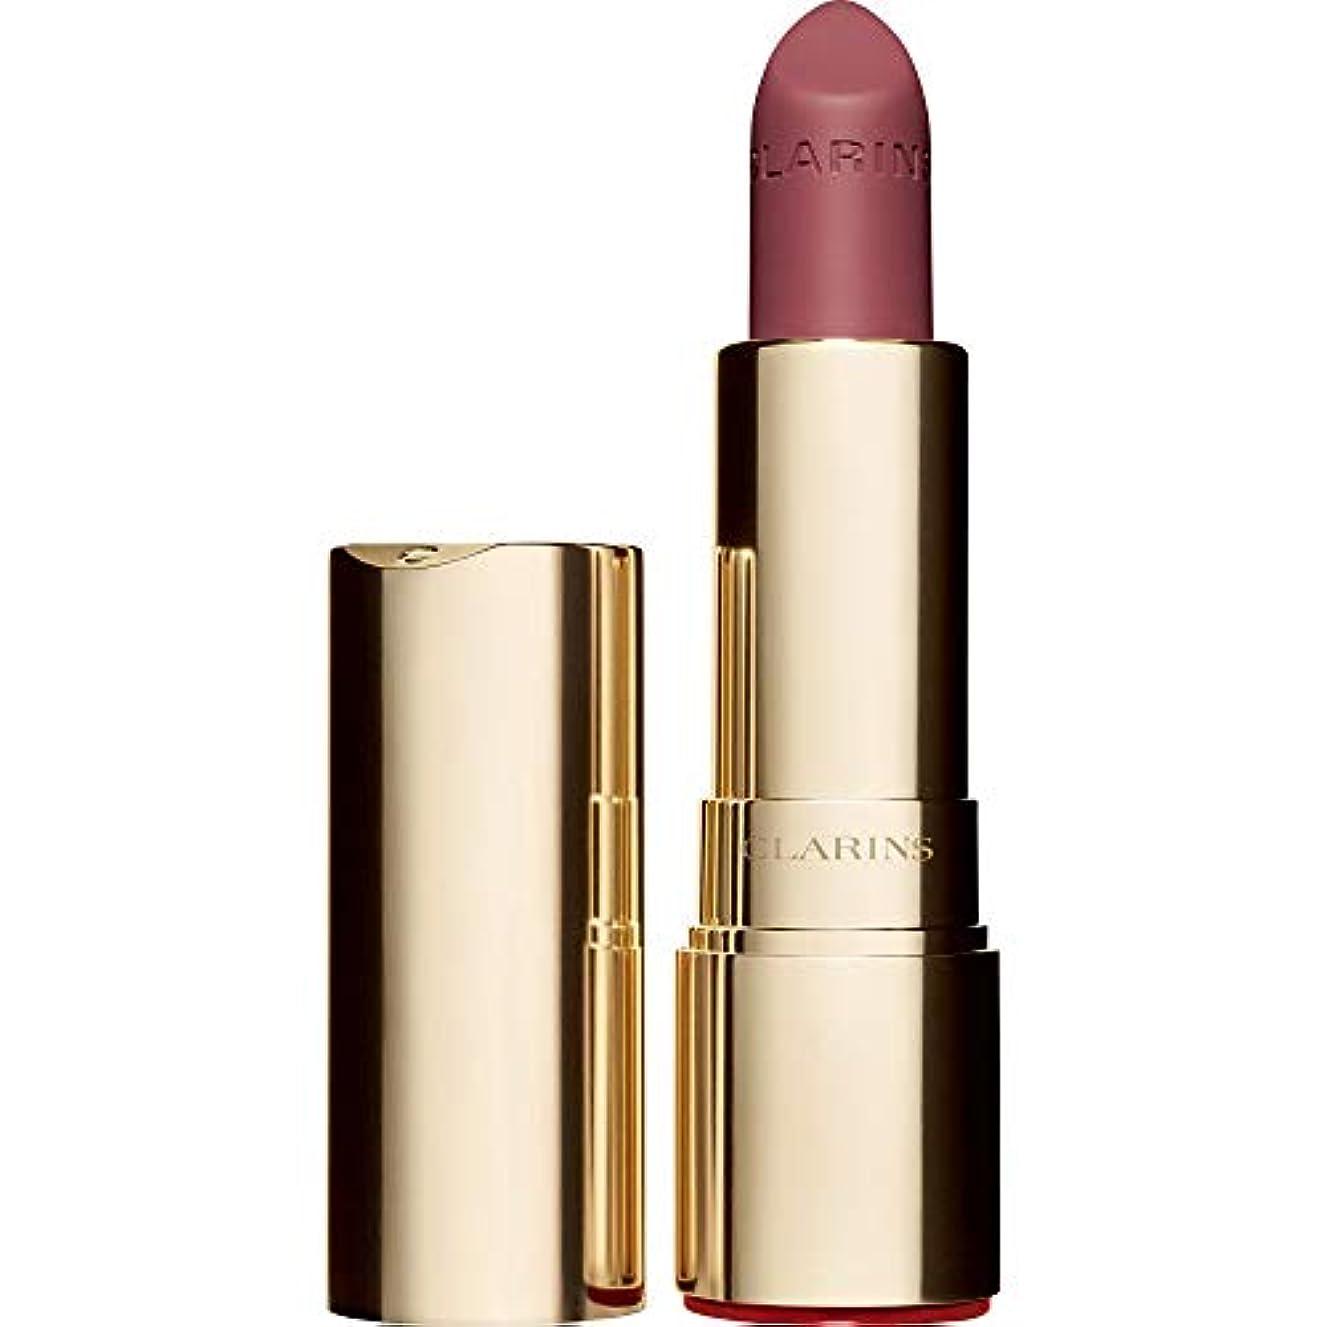 歩行者ピッチ遠洋の[Clarins] クラランスジョリルージュベルベットの口紅3.5グラムの731V - ベリーローズ - Clarins Joli Rouge Velvet Lipstick 3.5g 731V - Rose Berry...